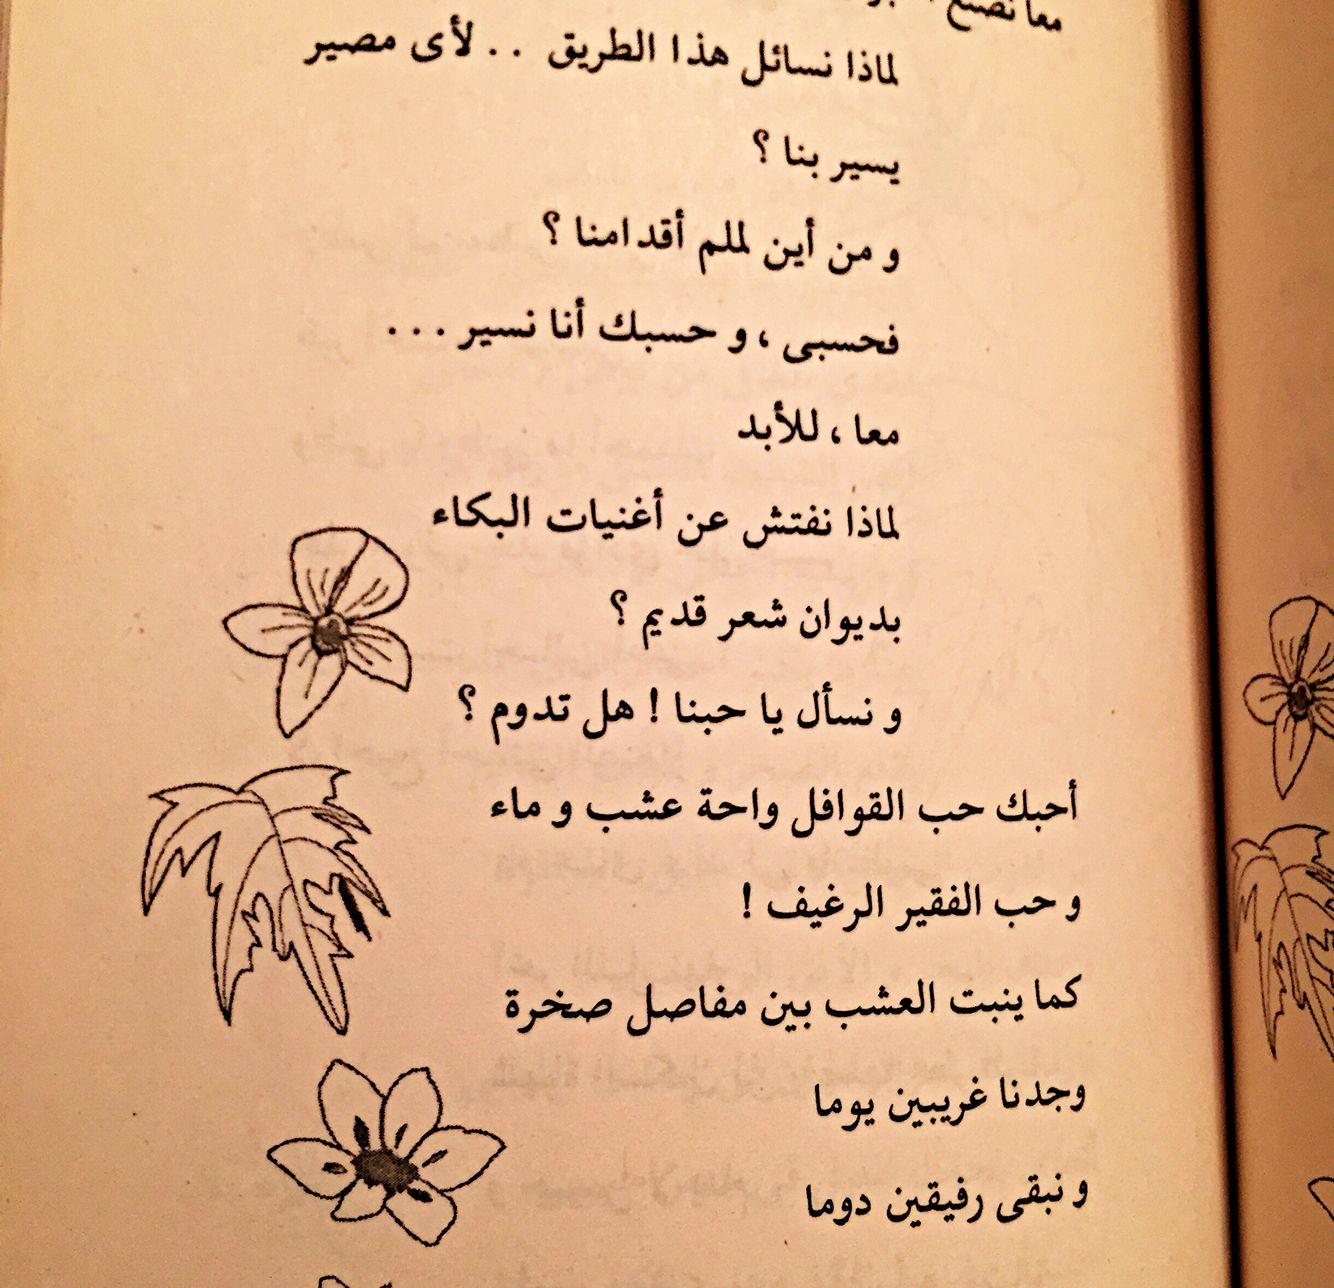 ونبقى رفيقين دوما إلى أن ينام القمر Decor Arabic Quotes Home Decor Decals